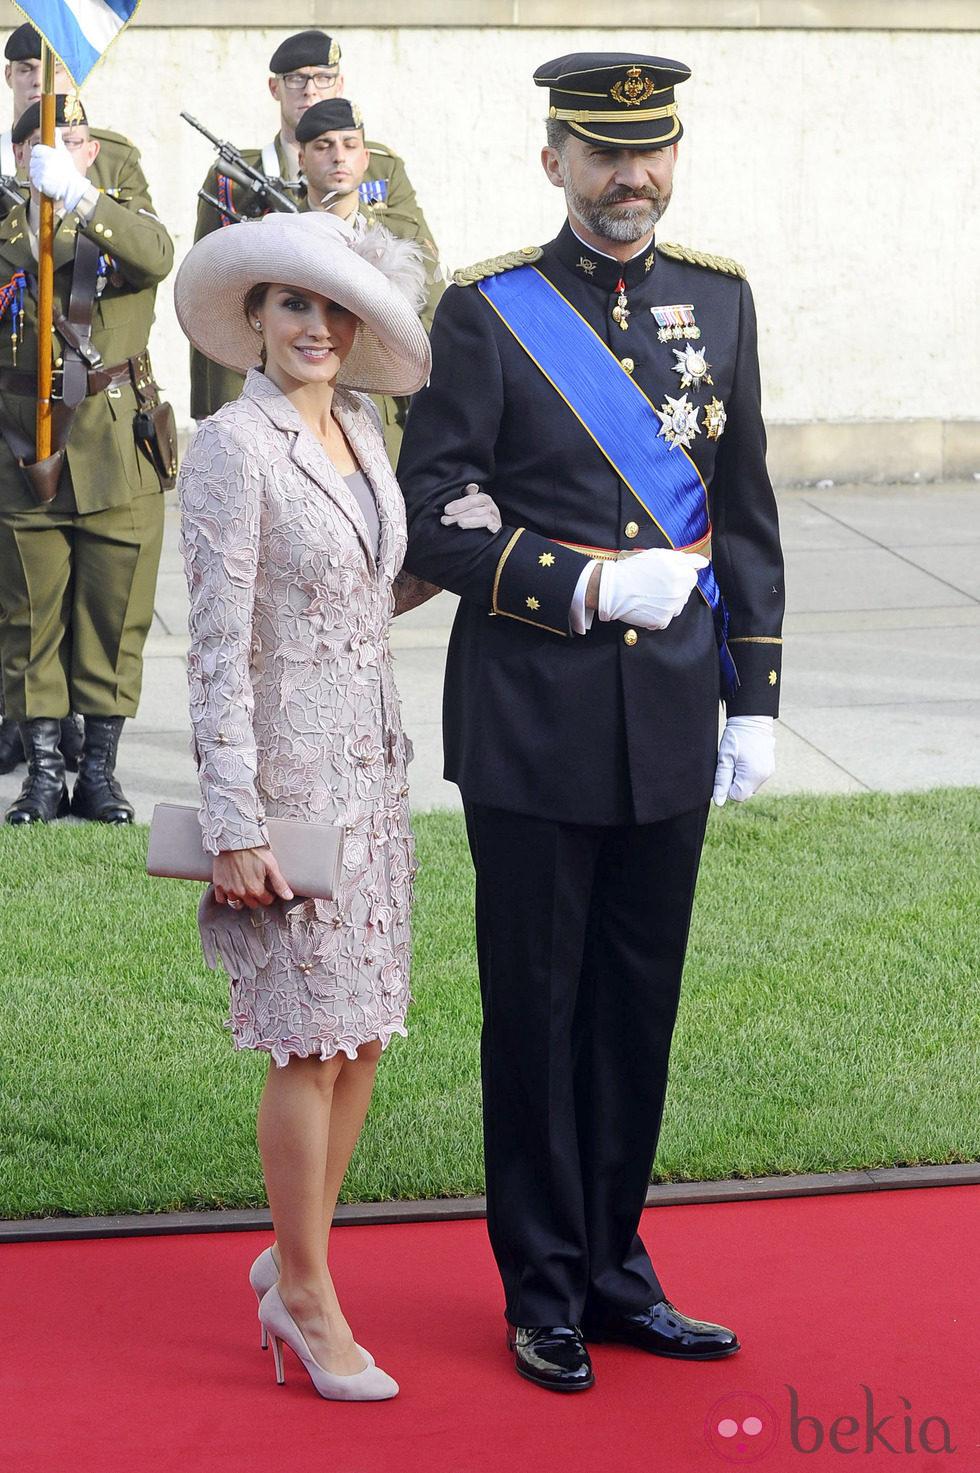 La Princesa Letizia vestida de Felipe Varela en la Boda Real de Luxemburgo